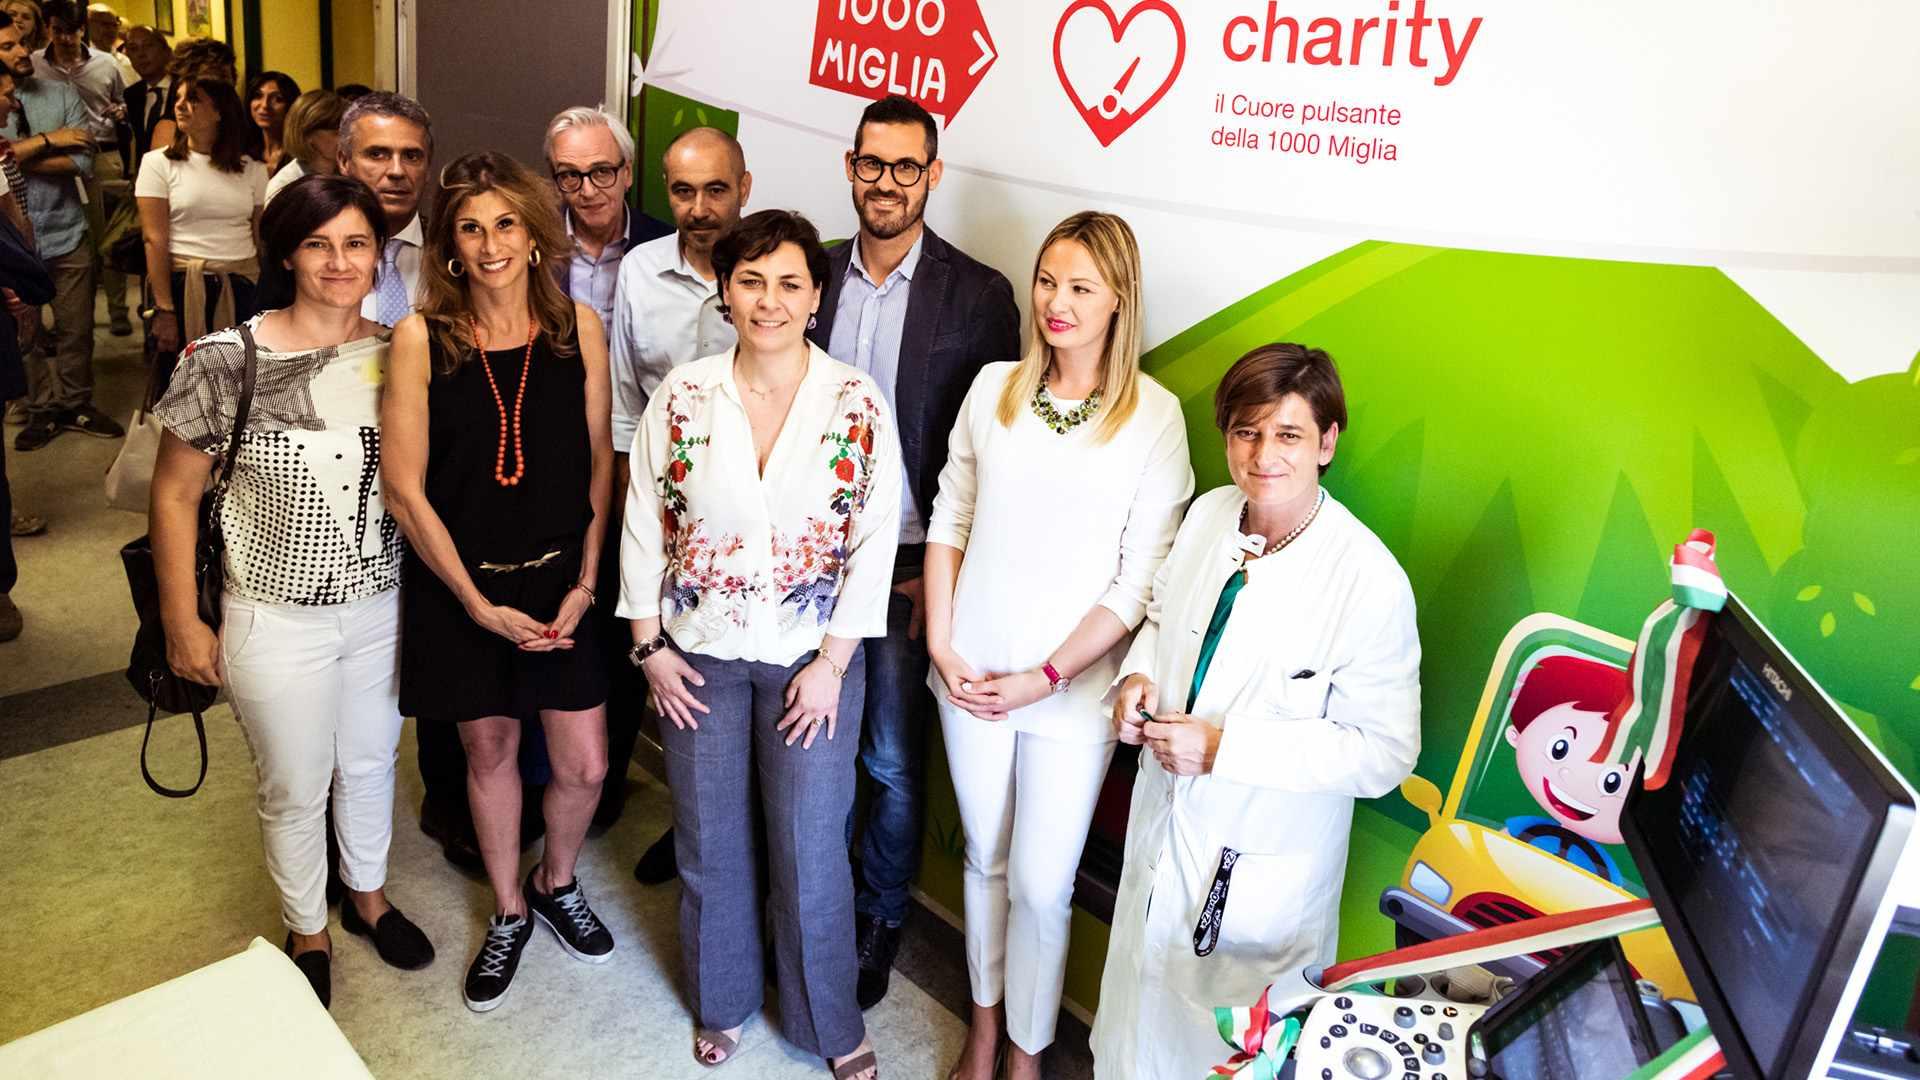 alisolidali_1000_Miglia_Charity_2018_Consegna_Ecografo_0007_IMG_8266.jpg